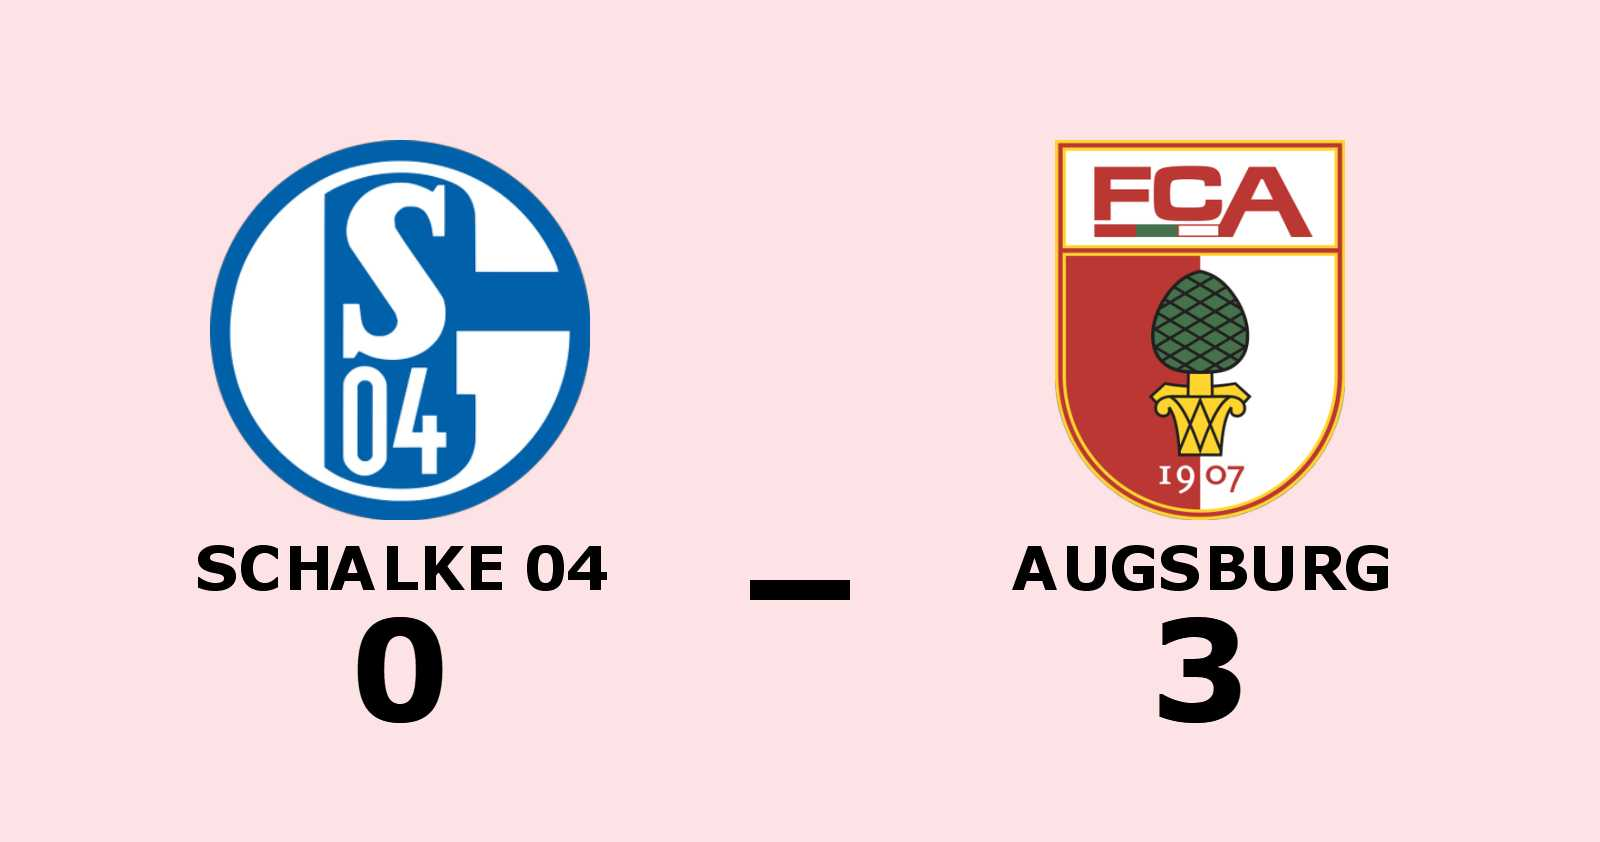 Förlustsviten bruten för Augsburg - efter 3–0 mot Schalke 04